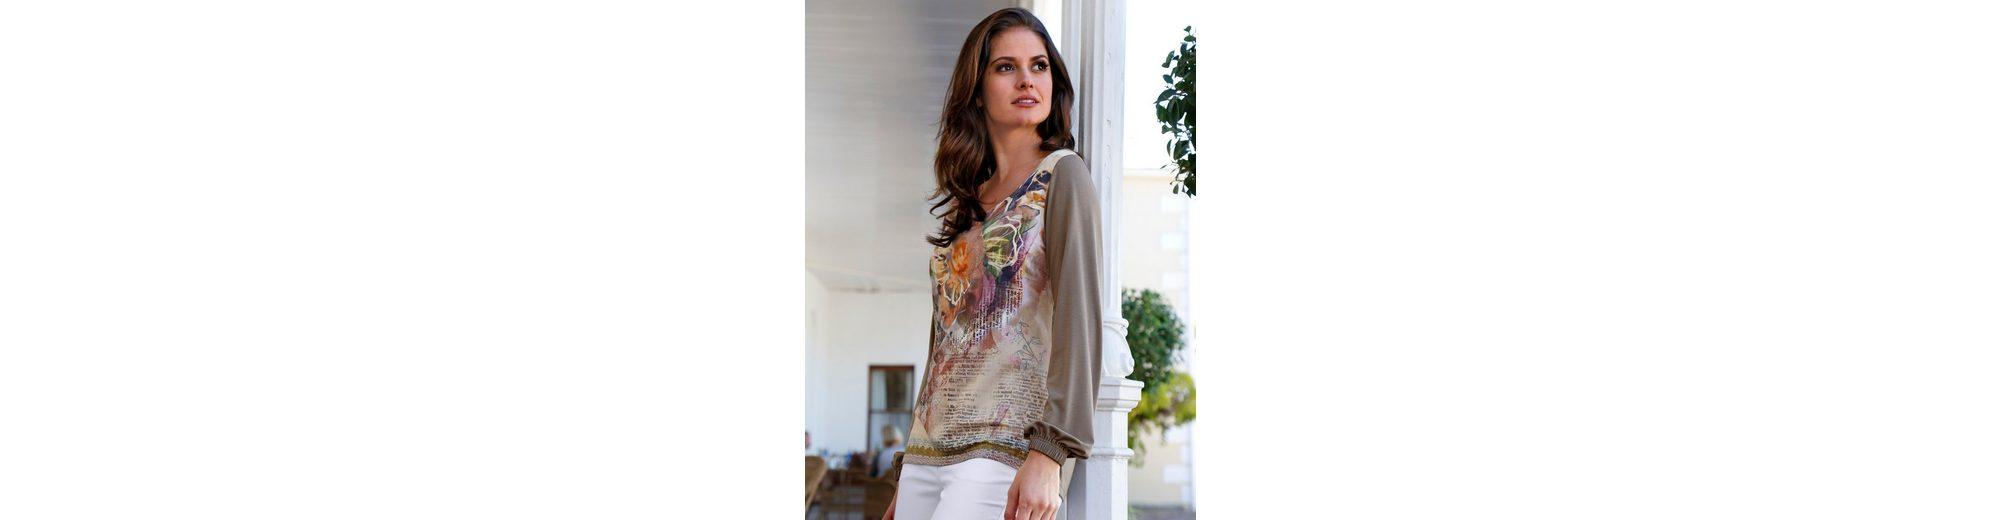 Amy Vermont Shirt mit aufwendigem Druck Zuverlässig Günstig Online VmS5mHv